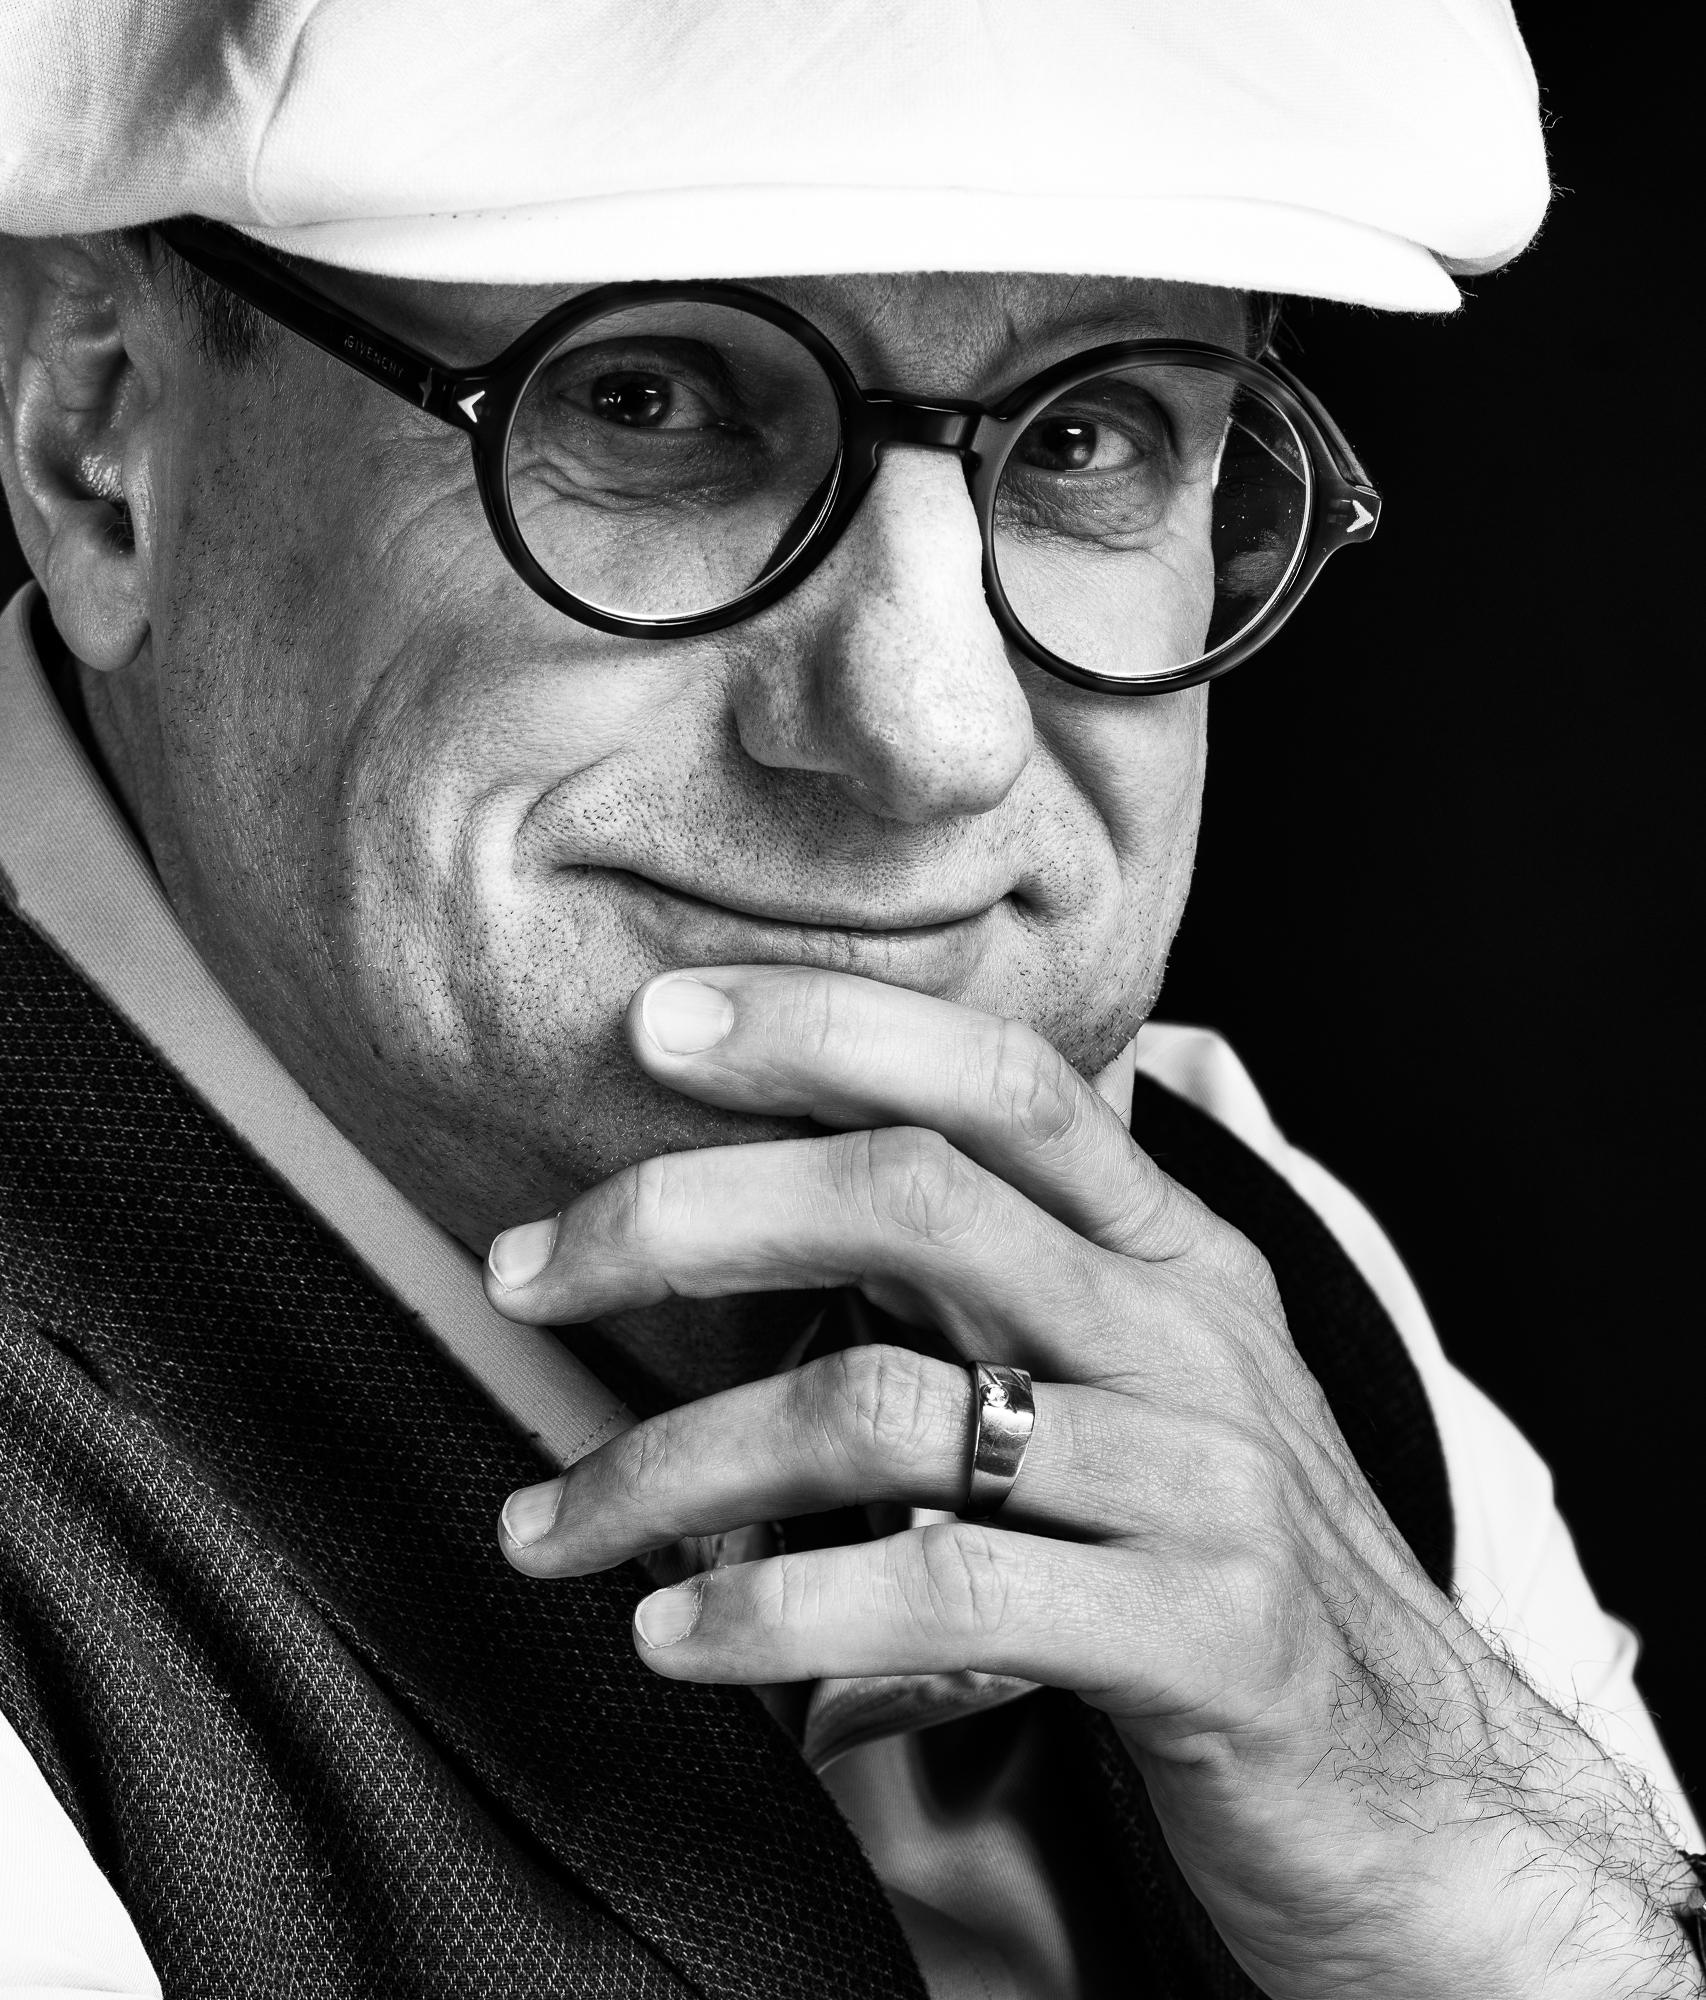 Uli Krenz der Poet und Dichter in einem Portrait von Yaph - Fotograf Trier